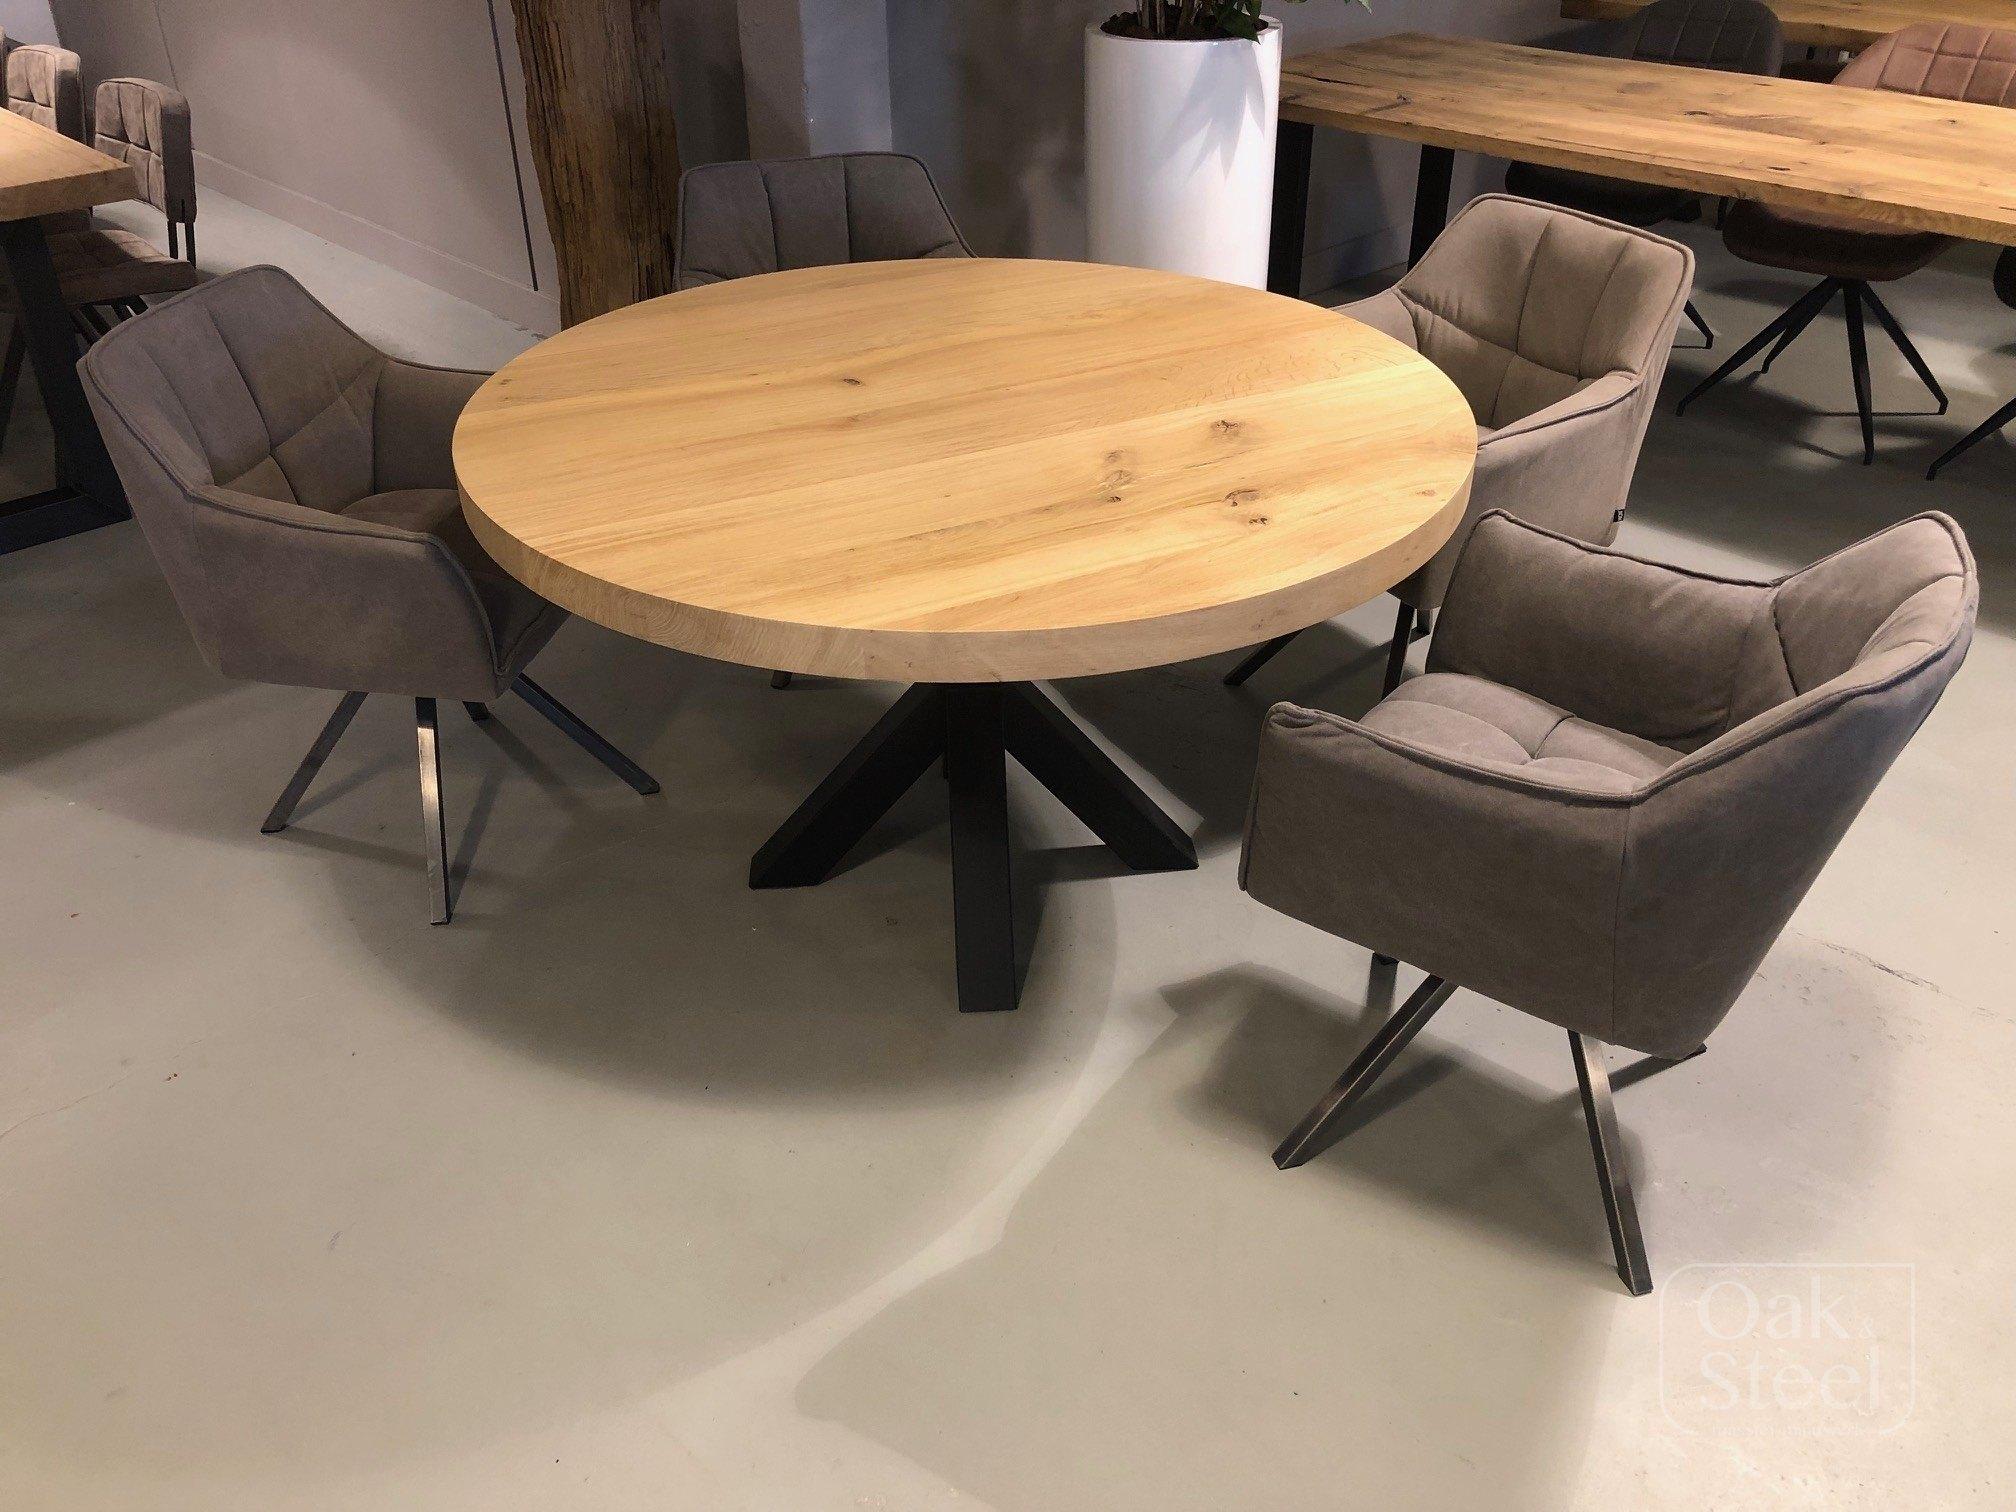 Ronde tafel van massief eikenhout, van 6 cm dik